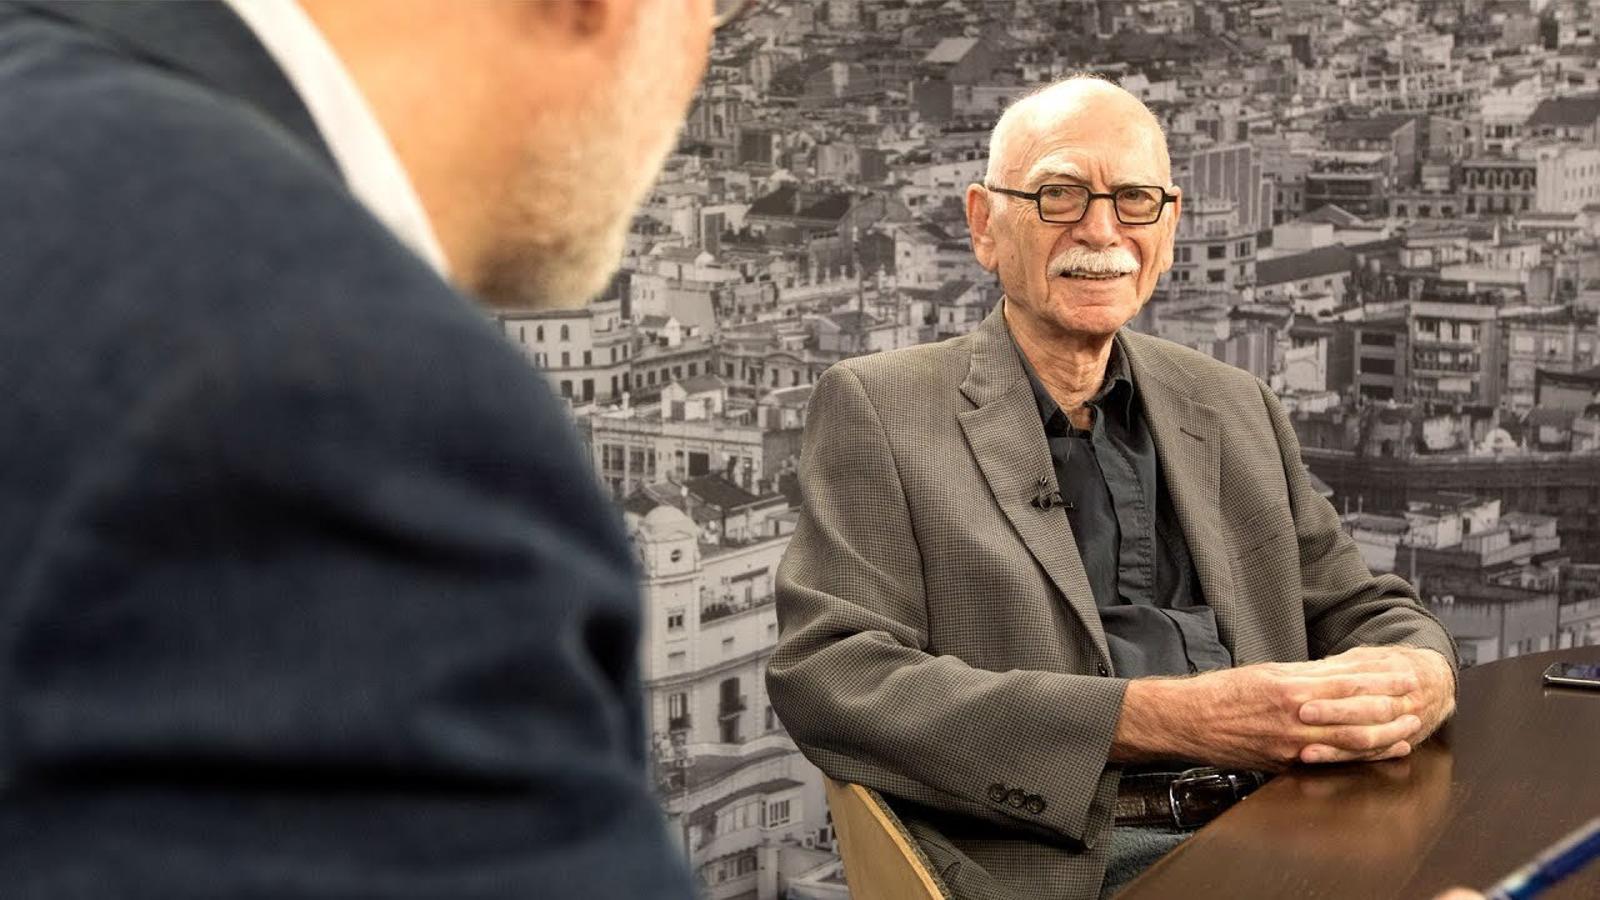 """Itamar Even-Zohar: """"A Catalunya han dit «aquesta vida no ens va bé» perquè altres persones prenen les decisions"""""""